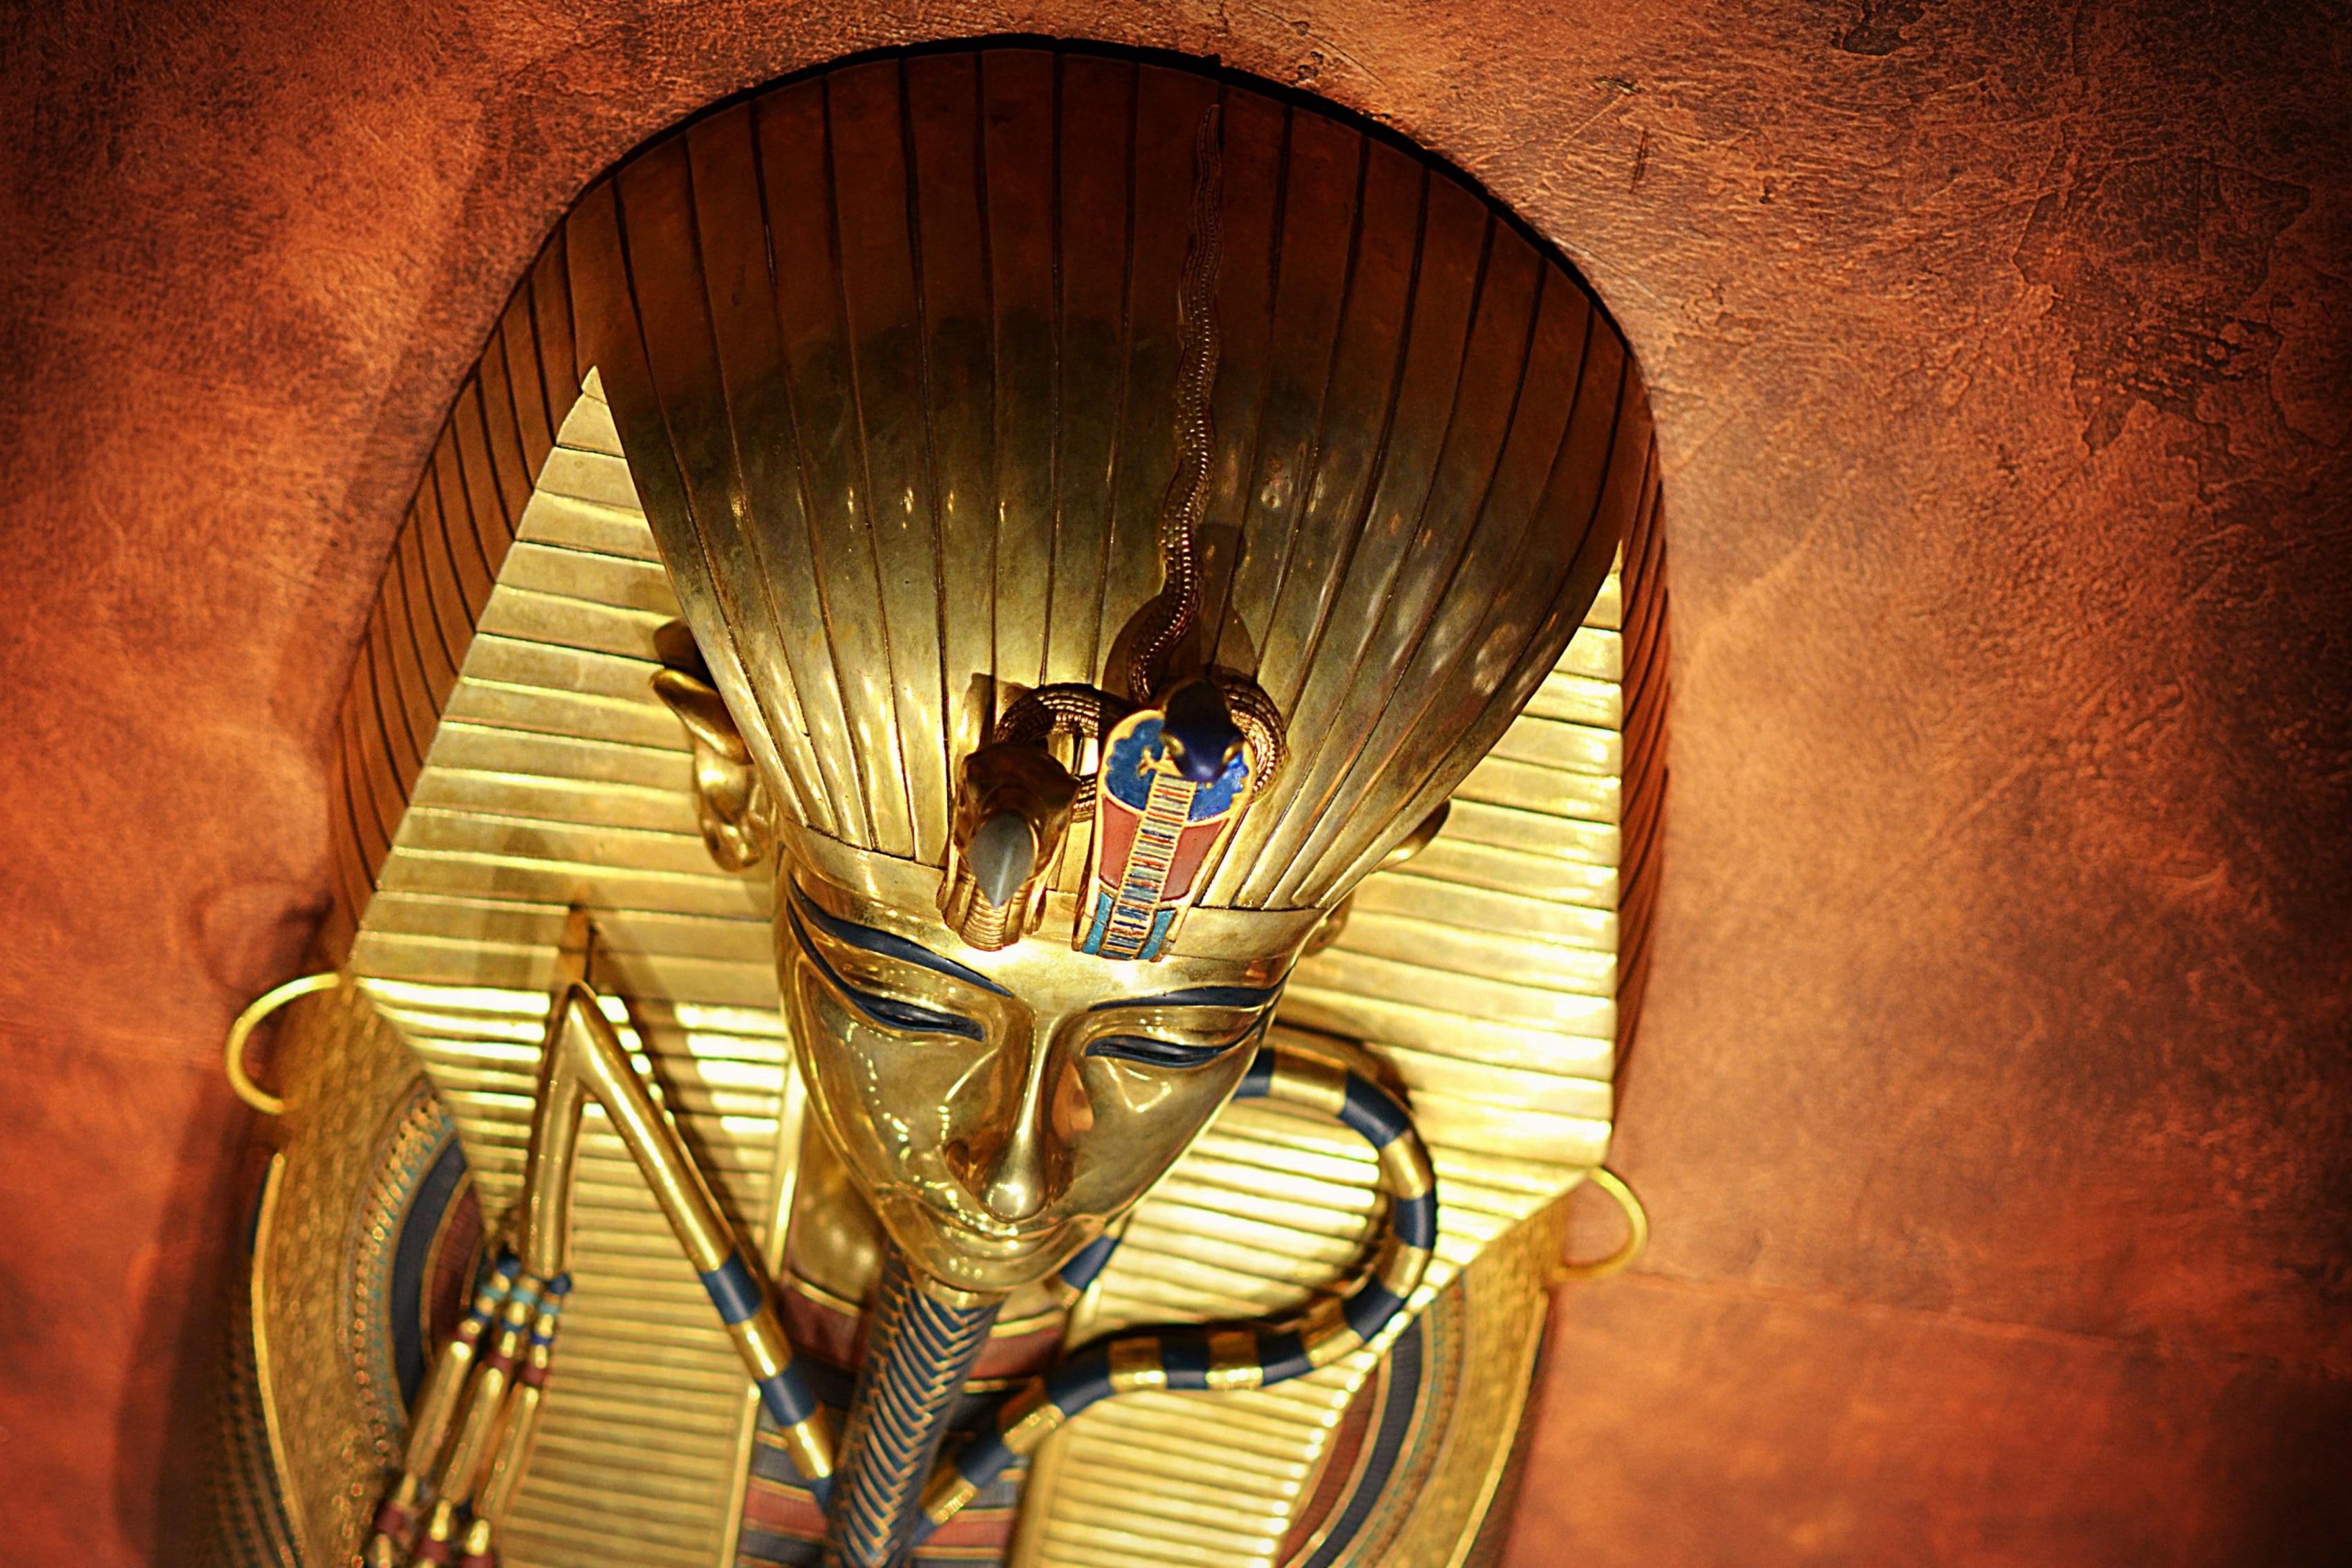 Home decoration tutankhamun pharaoh ancient egypt mask for Home wallpaper egypt